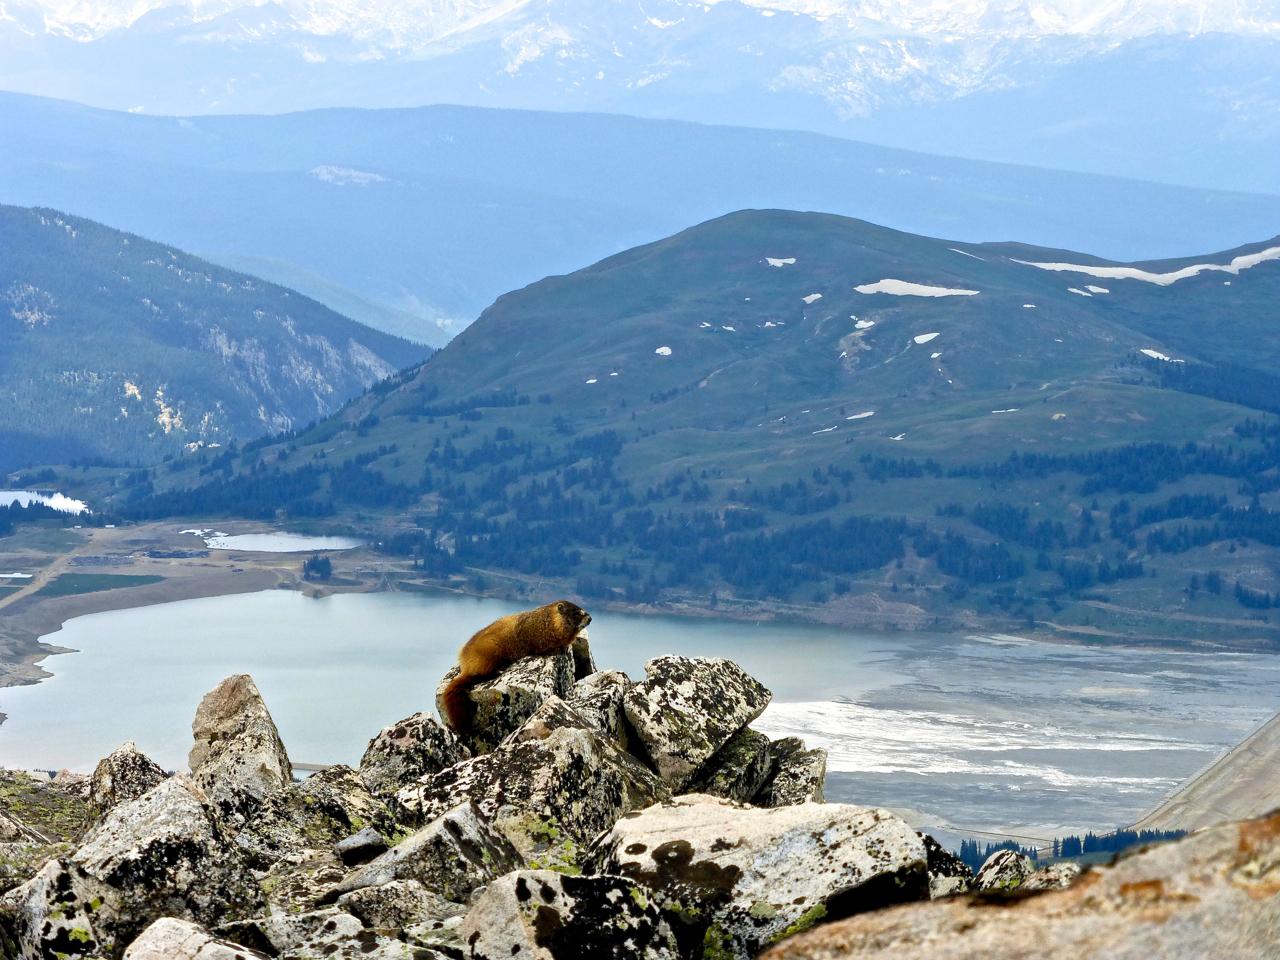 16a marmot